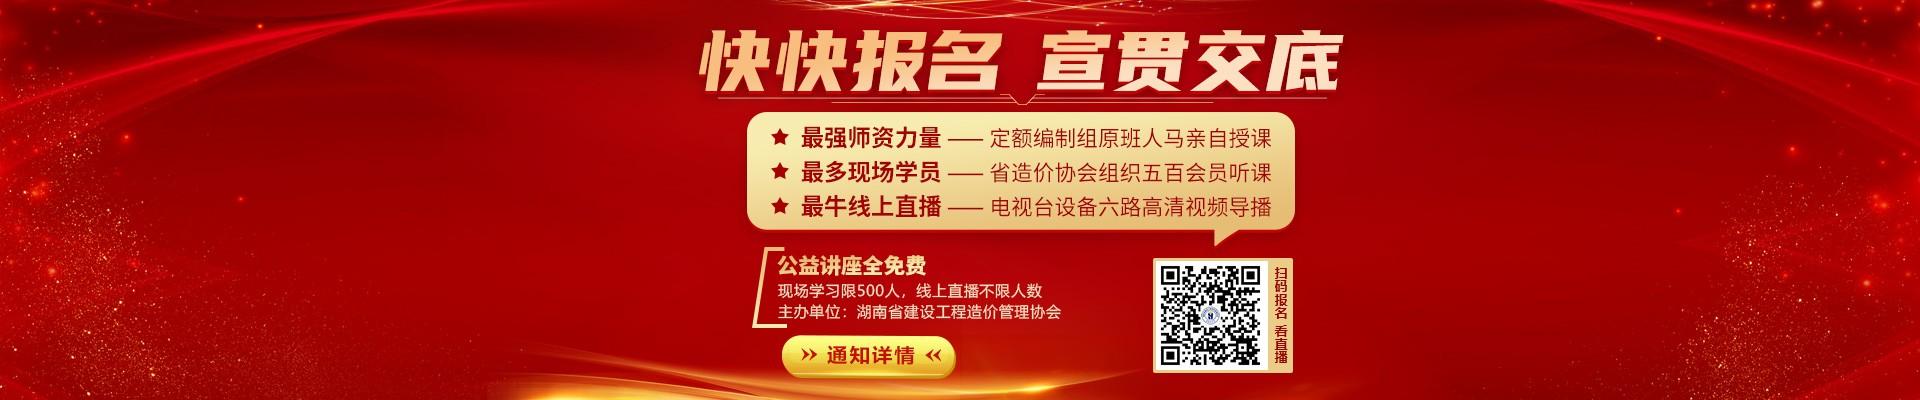 关于举办《湖南省建设工程计价办法》 《湖南省建设工程消耗量标准》 宣贯交底培训的通知